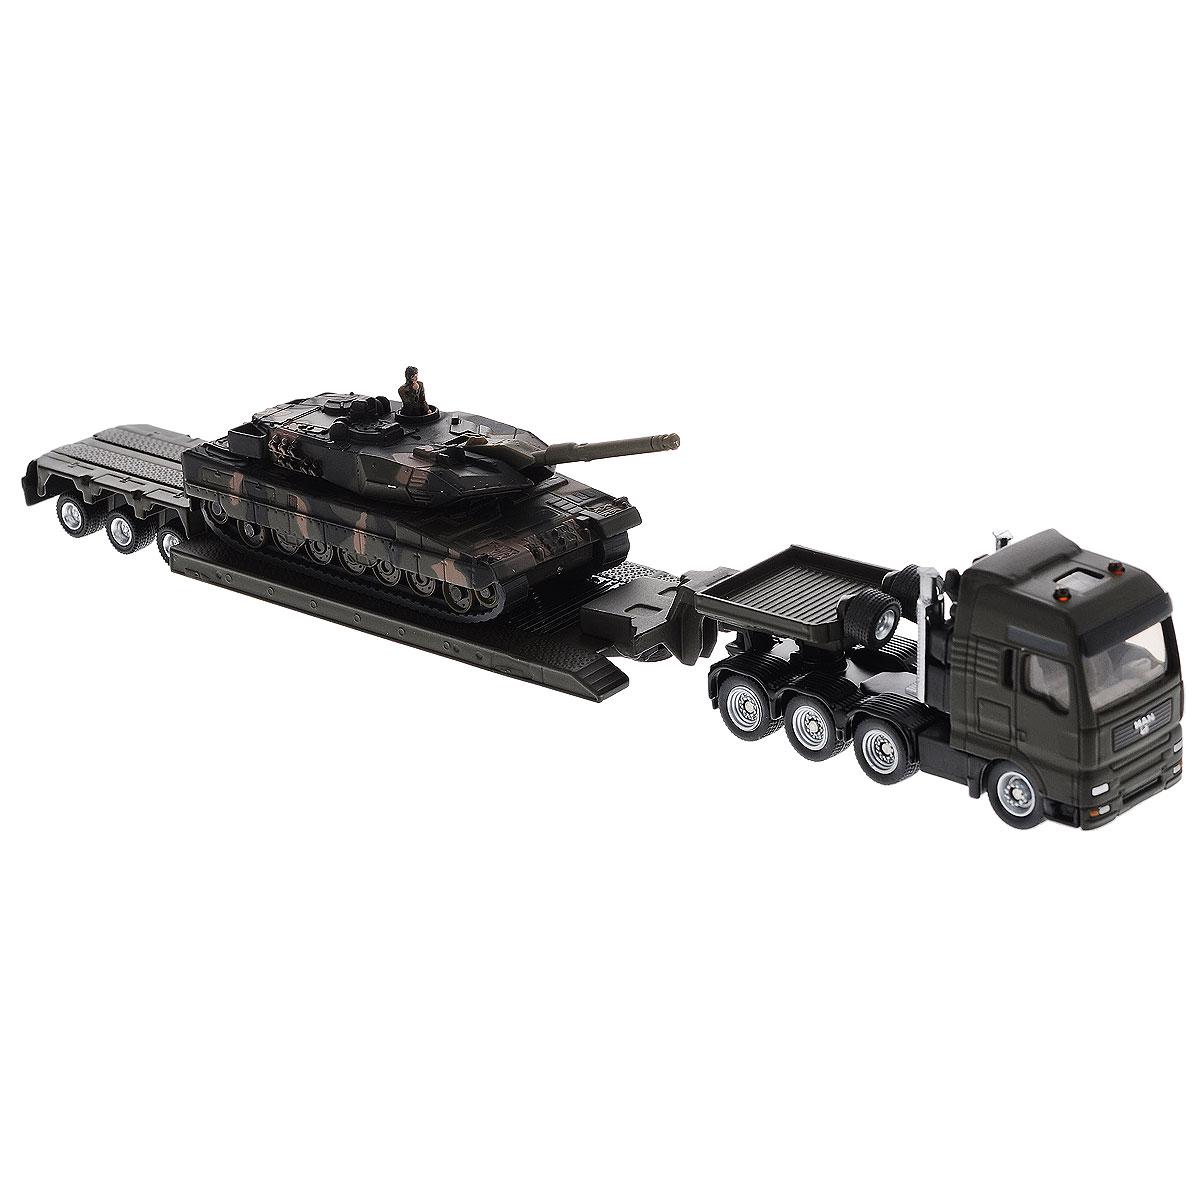 Siku Тягач MAN с танком на платформе цена